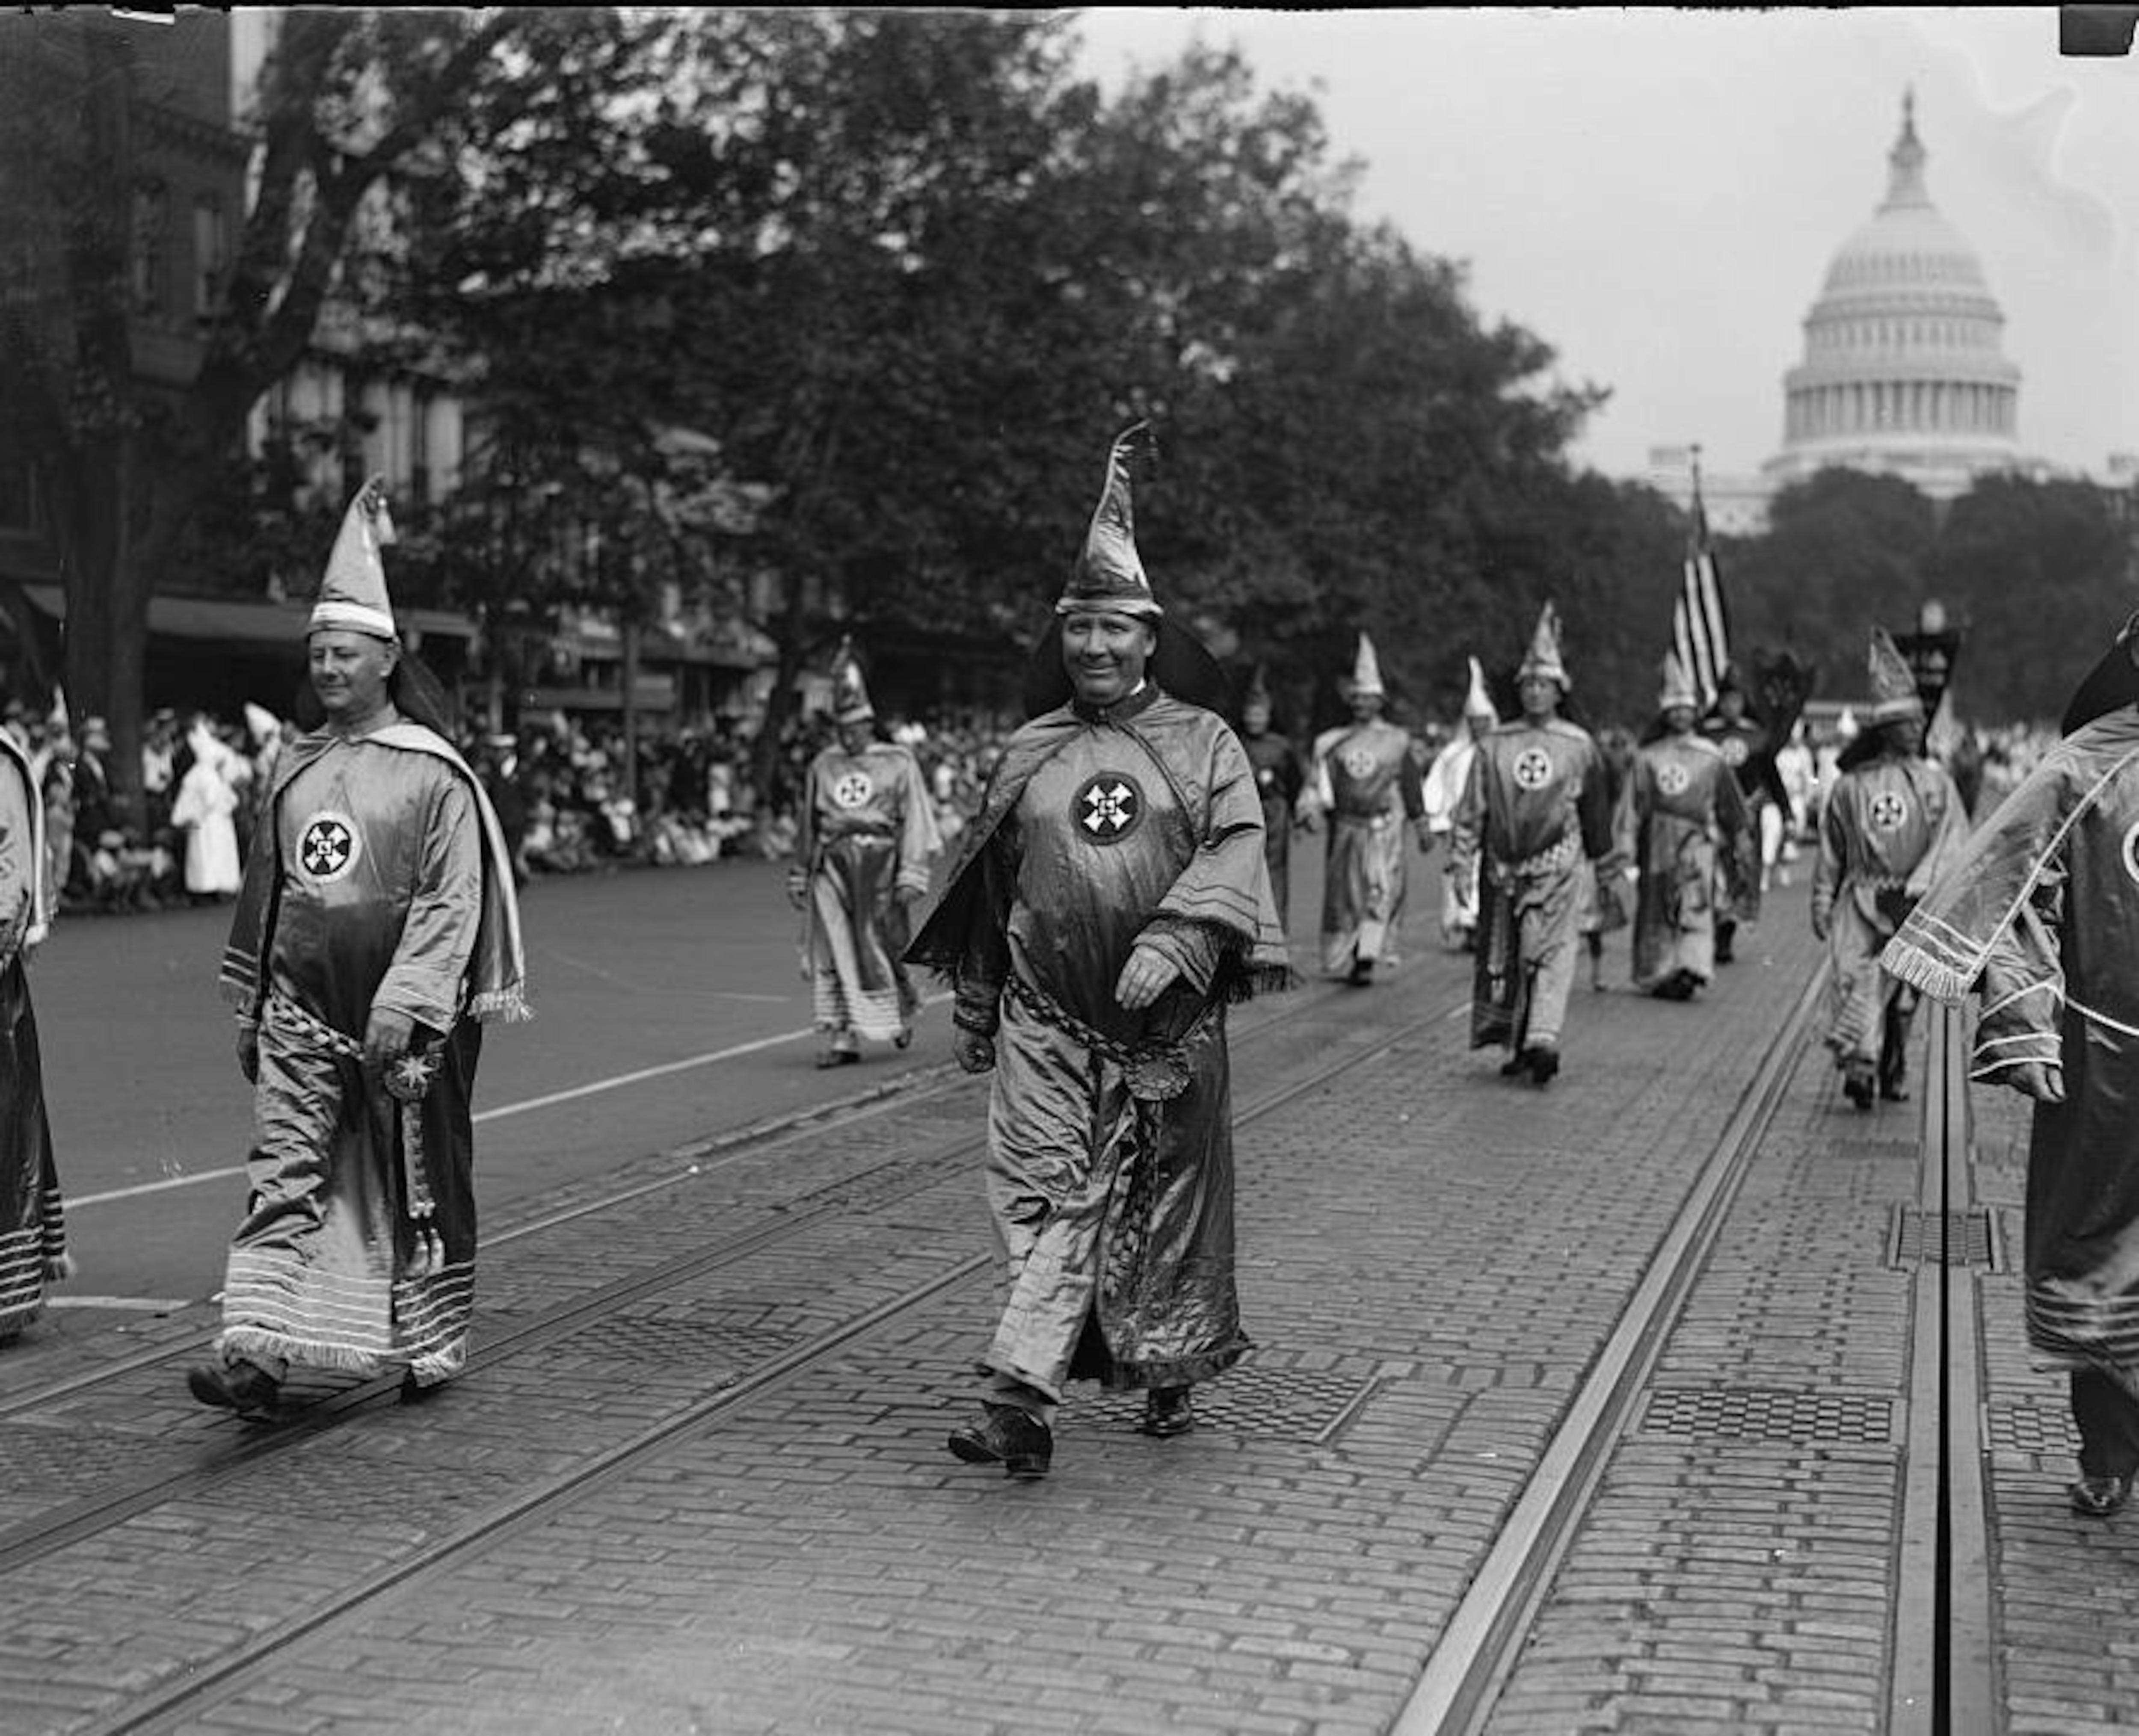 Hiram Wesley Evans préside la marche du KKK à Washington en 1926.